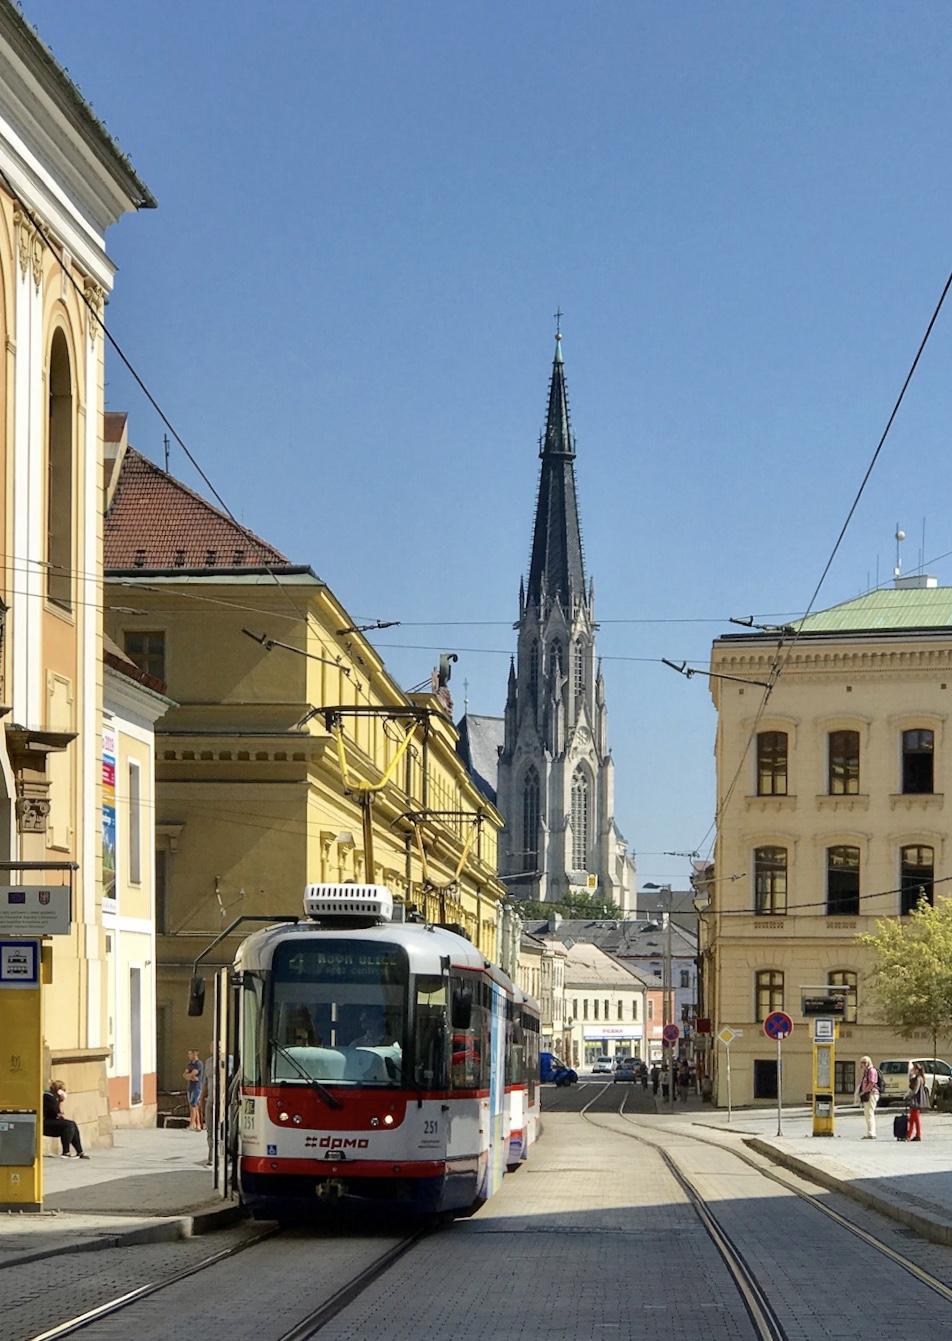 Hanácká kasárna v Olomouci (budova za tramvají)